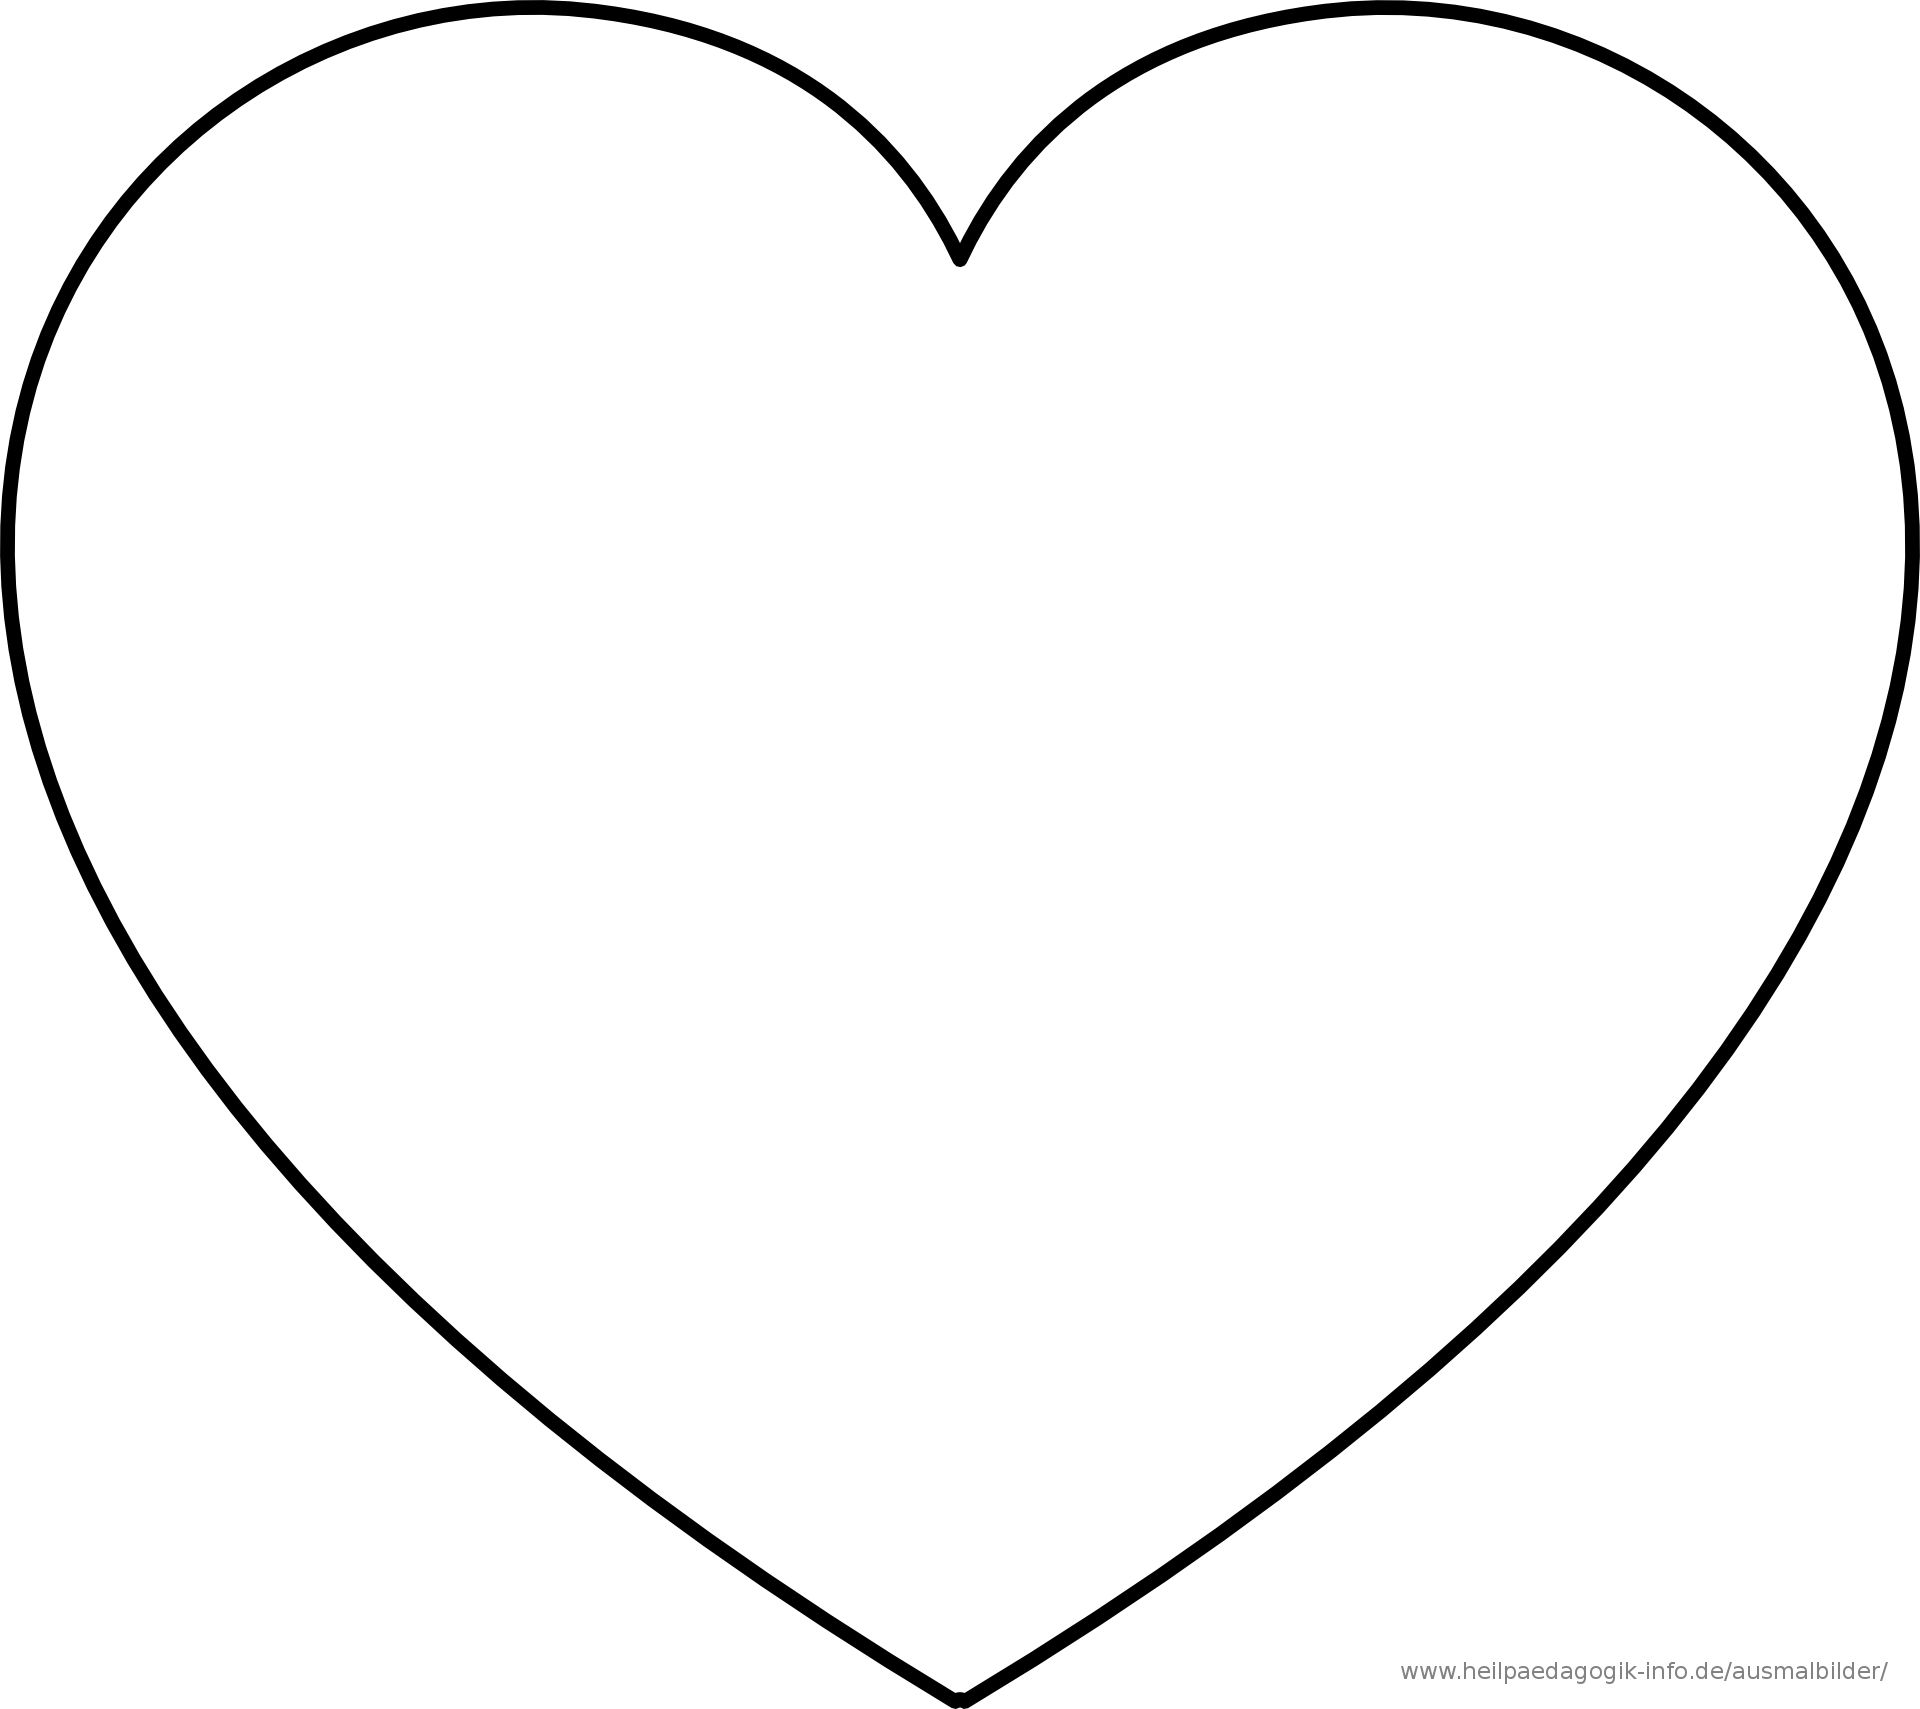 Malvorlagen Herzen Kostenlos  Herz ausmalbild, Herz vorlage